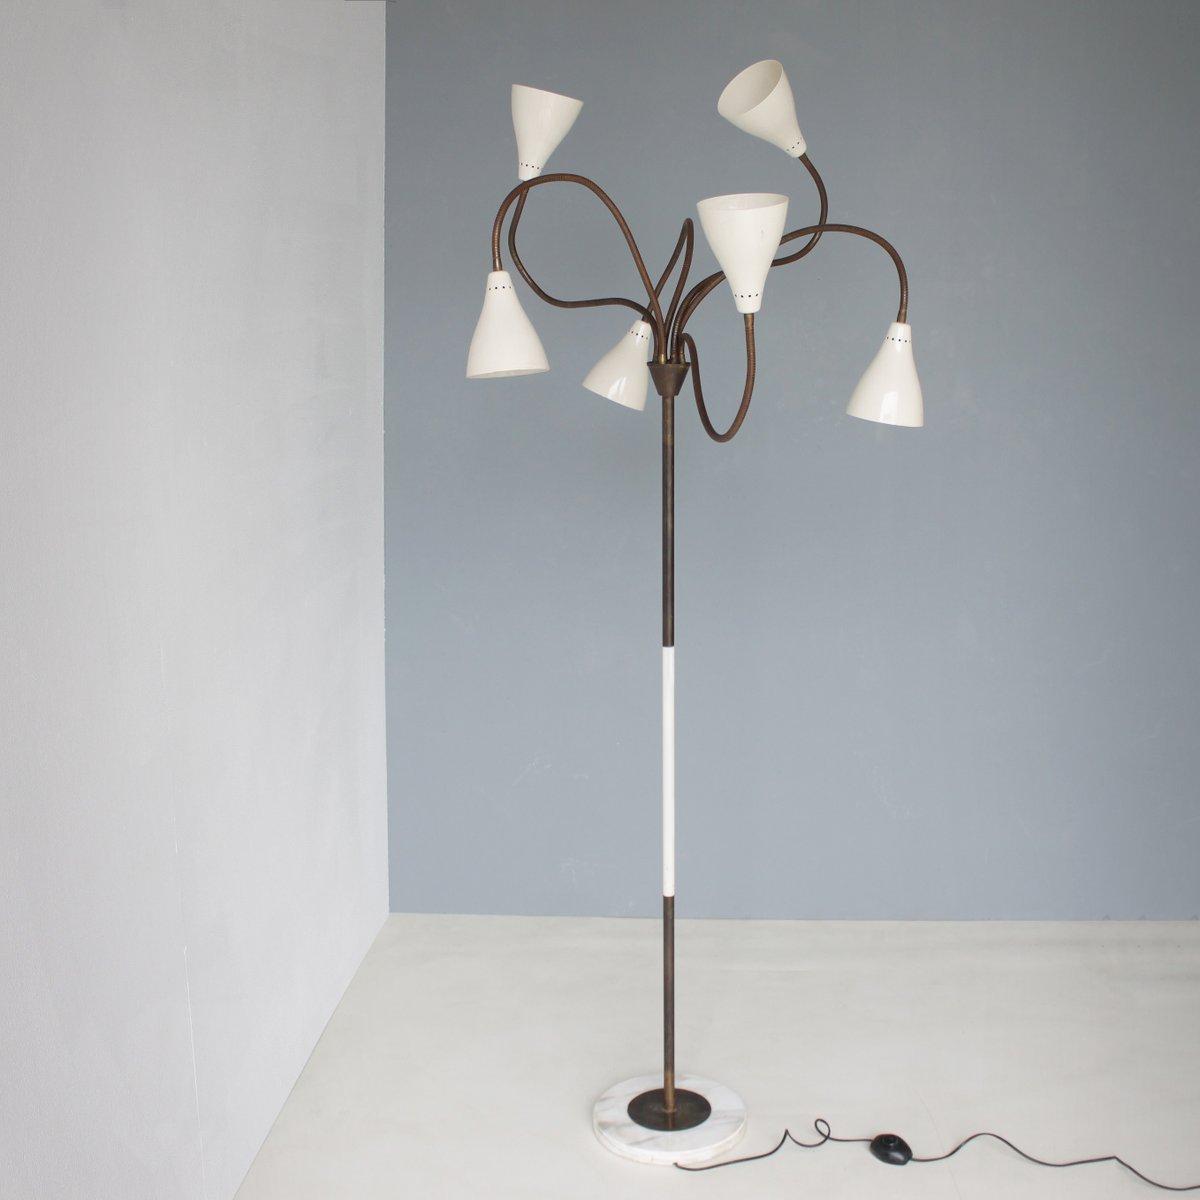 Stehlampe, 1970er